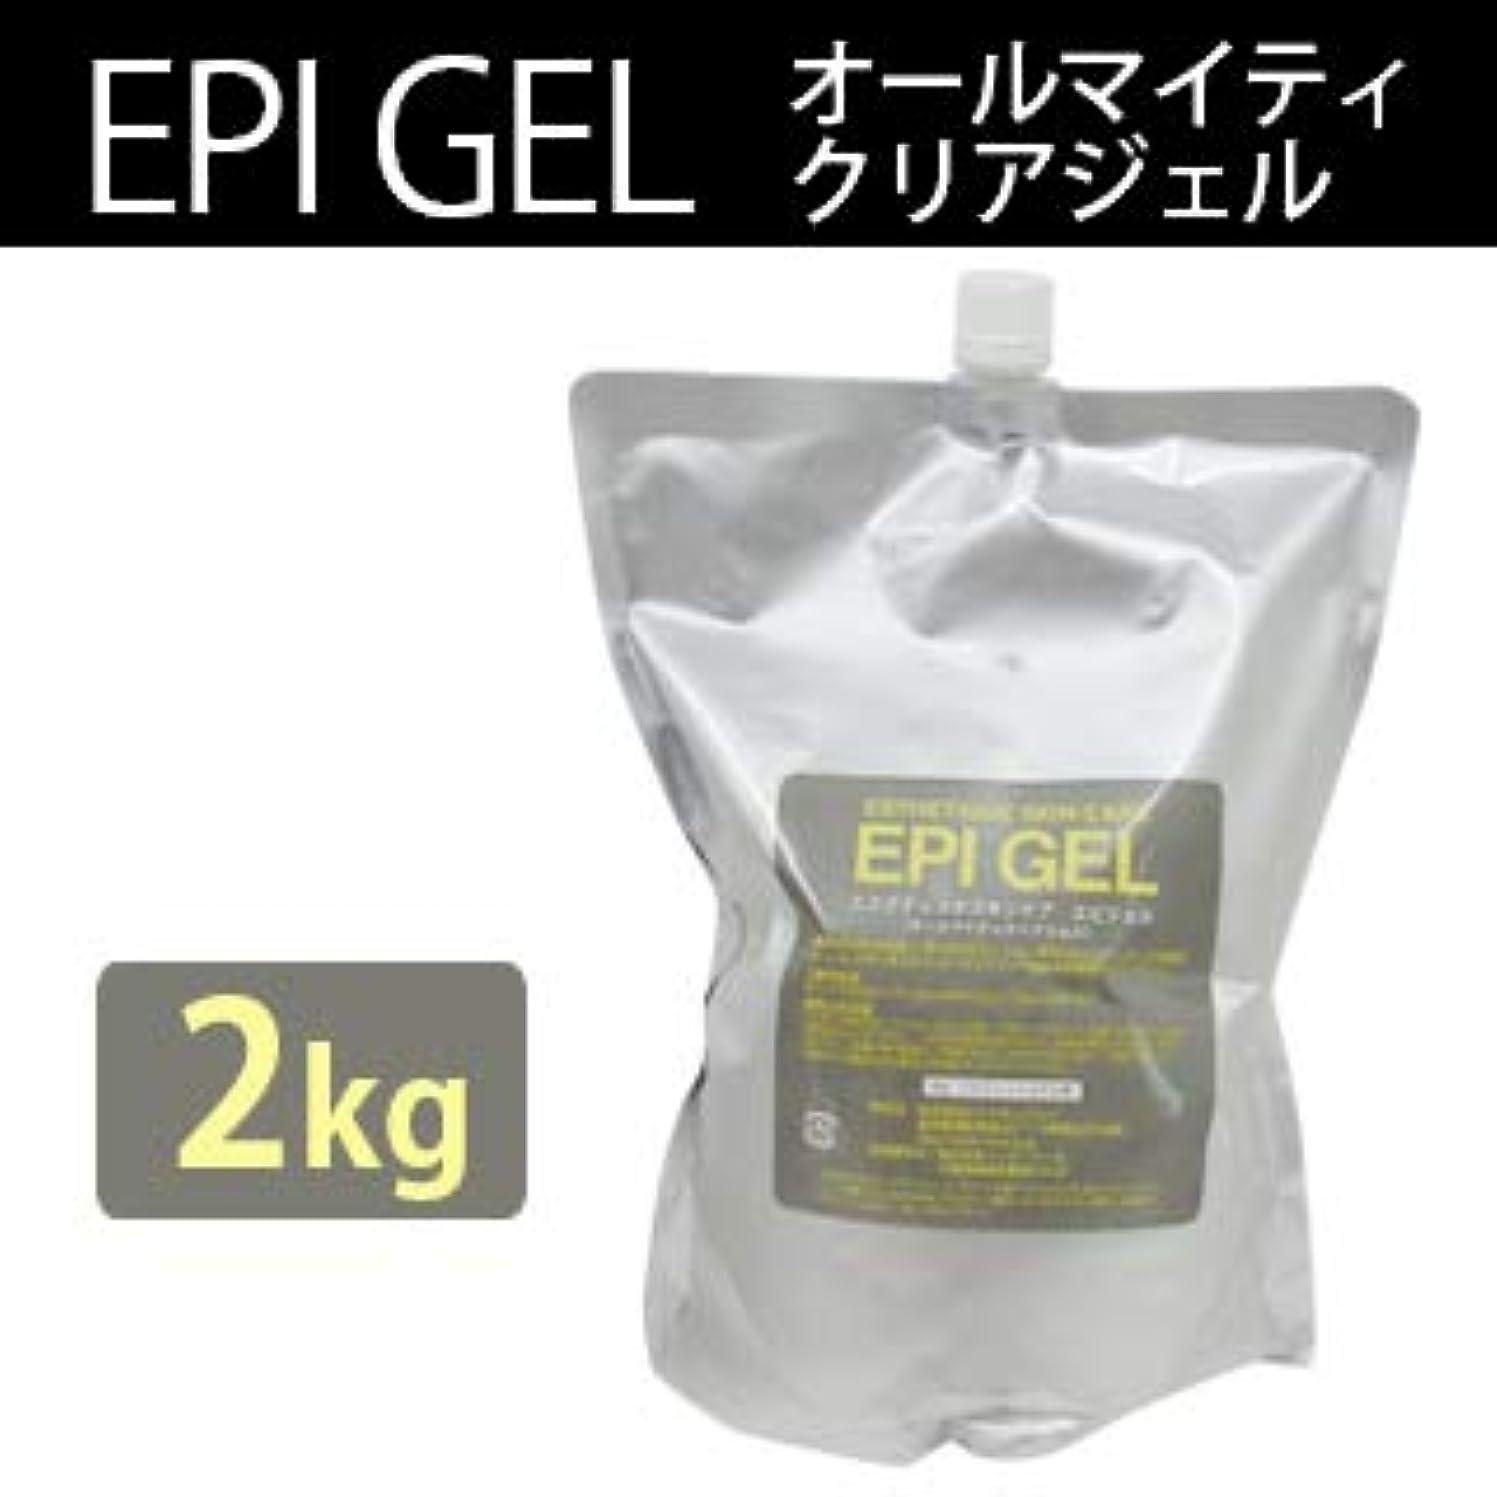 エステティック スキンケア エピジェル 2kg クリアジェル (1個)